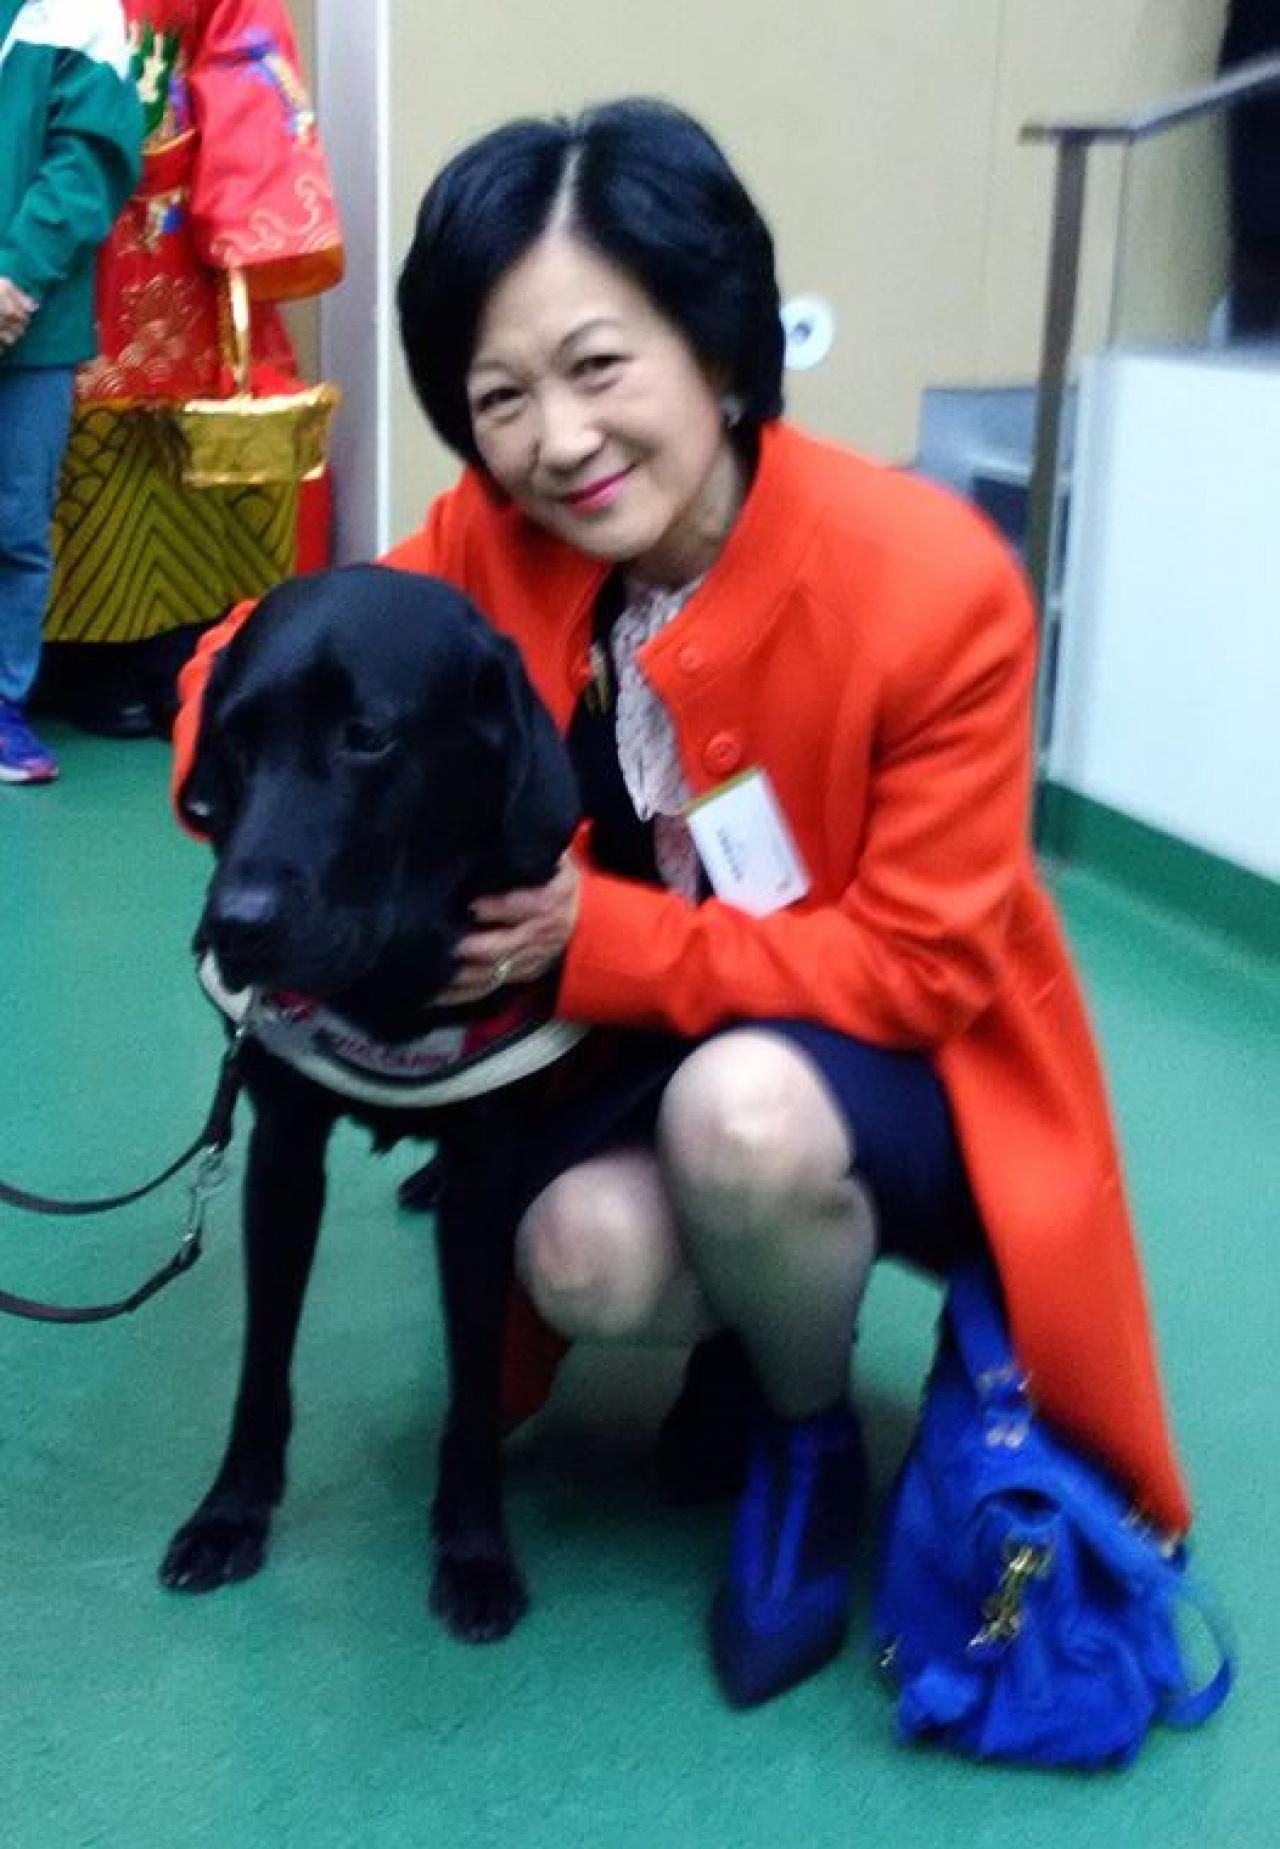 另一候選人葉劉淑儀亦在Facebook發表與導盲犬合照,但網民質疑她支持皮草的立場。(葉劉淑儀Facebook)